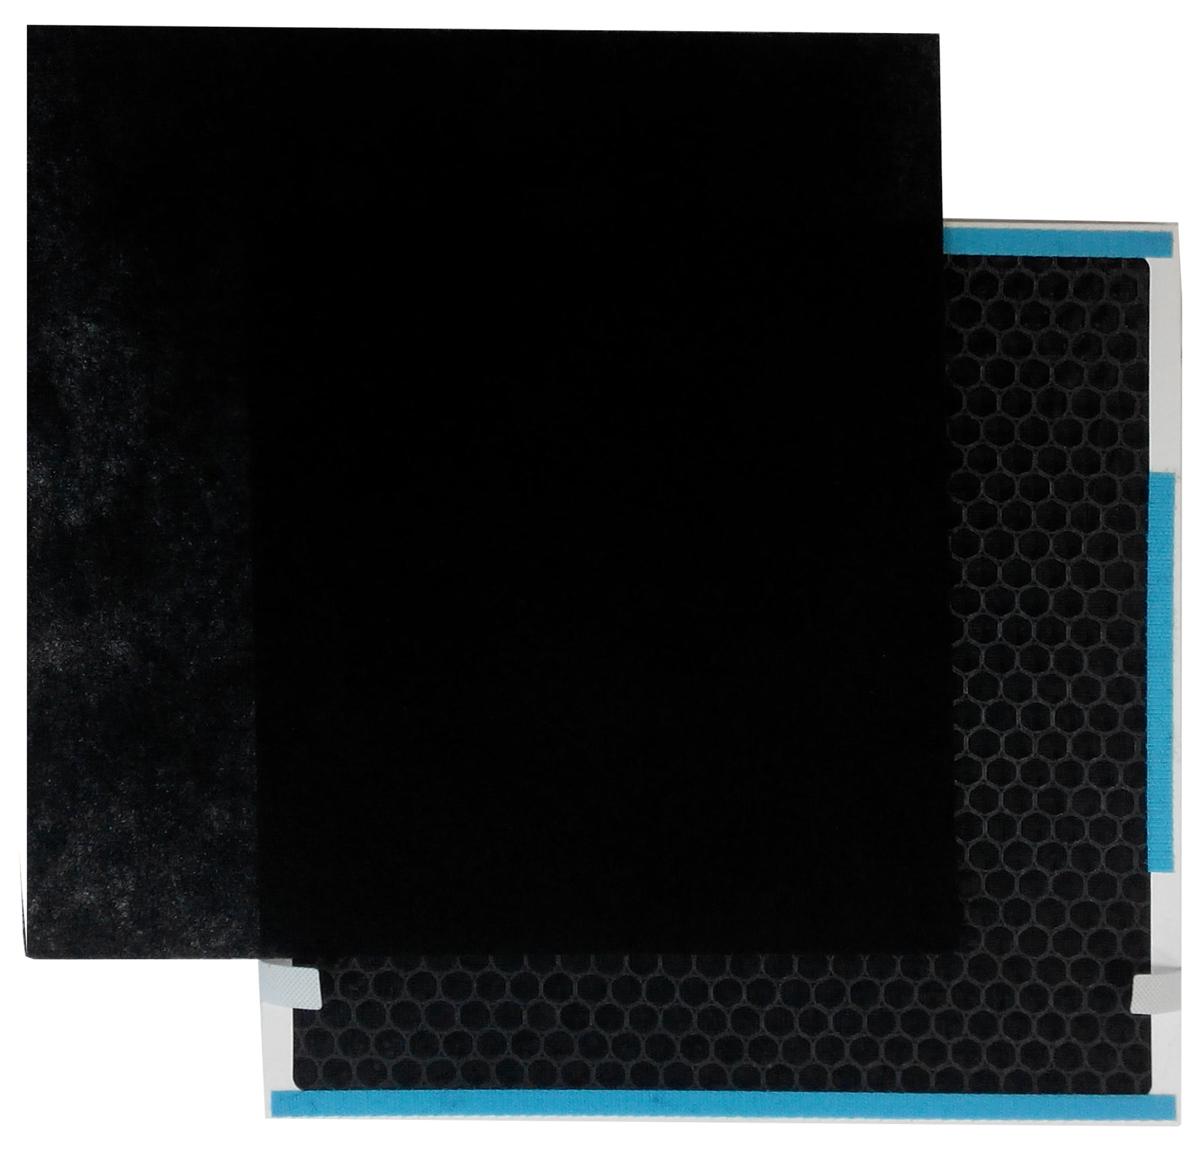 все цены на AIC комплект фильтров для воздухоочистителя AIC CF8500 онлайн